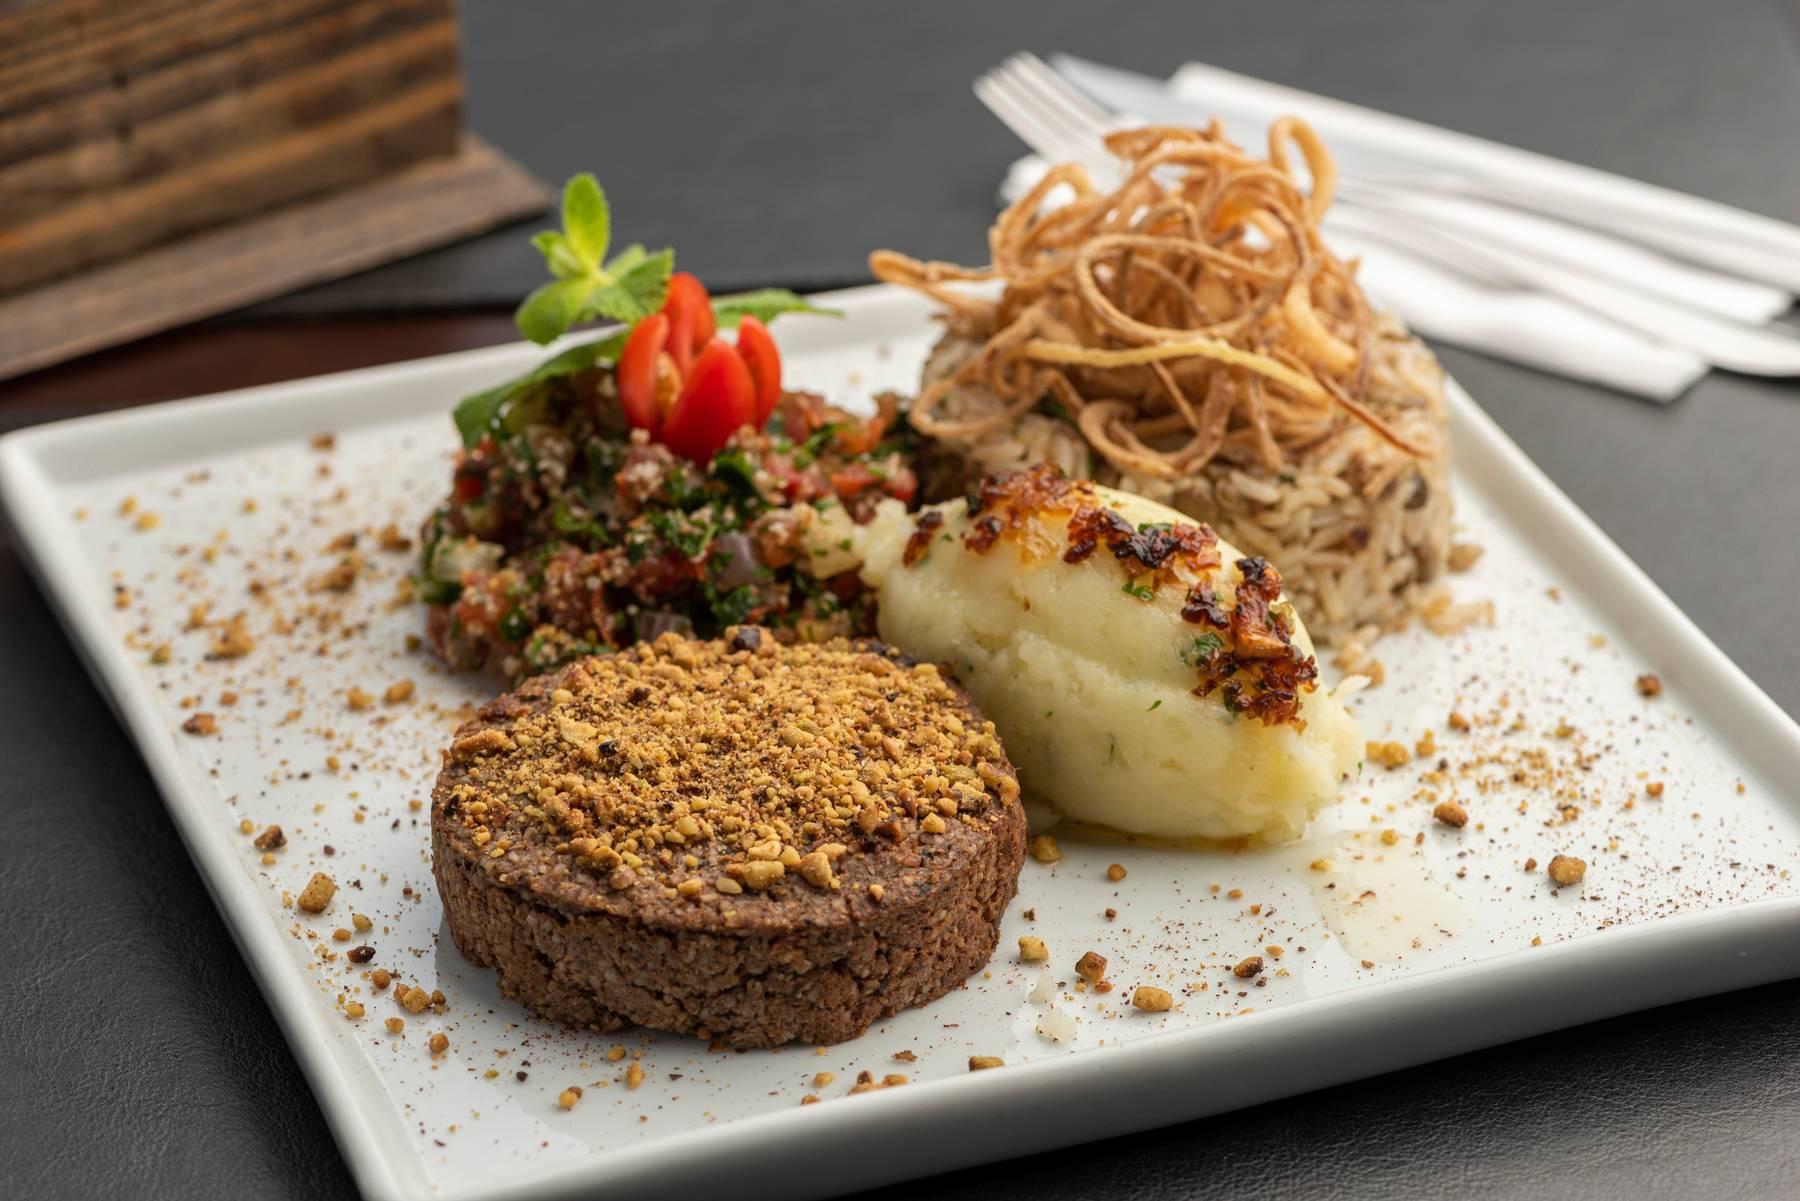 O combinado Instambu, um dos combinados tradicionais do BaraQuias, tem kibe frito acompanhado de arroz com lentilha, batata libanesa, tabule e cebola crocante.